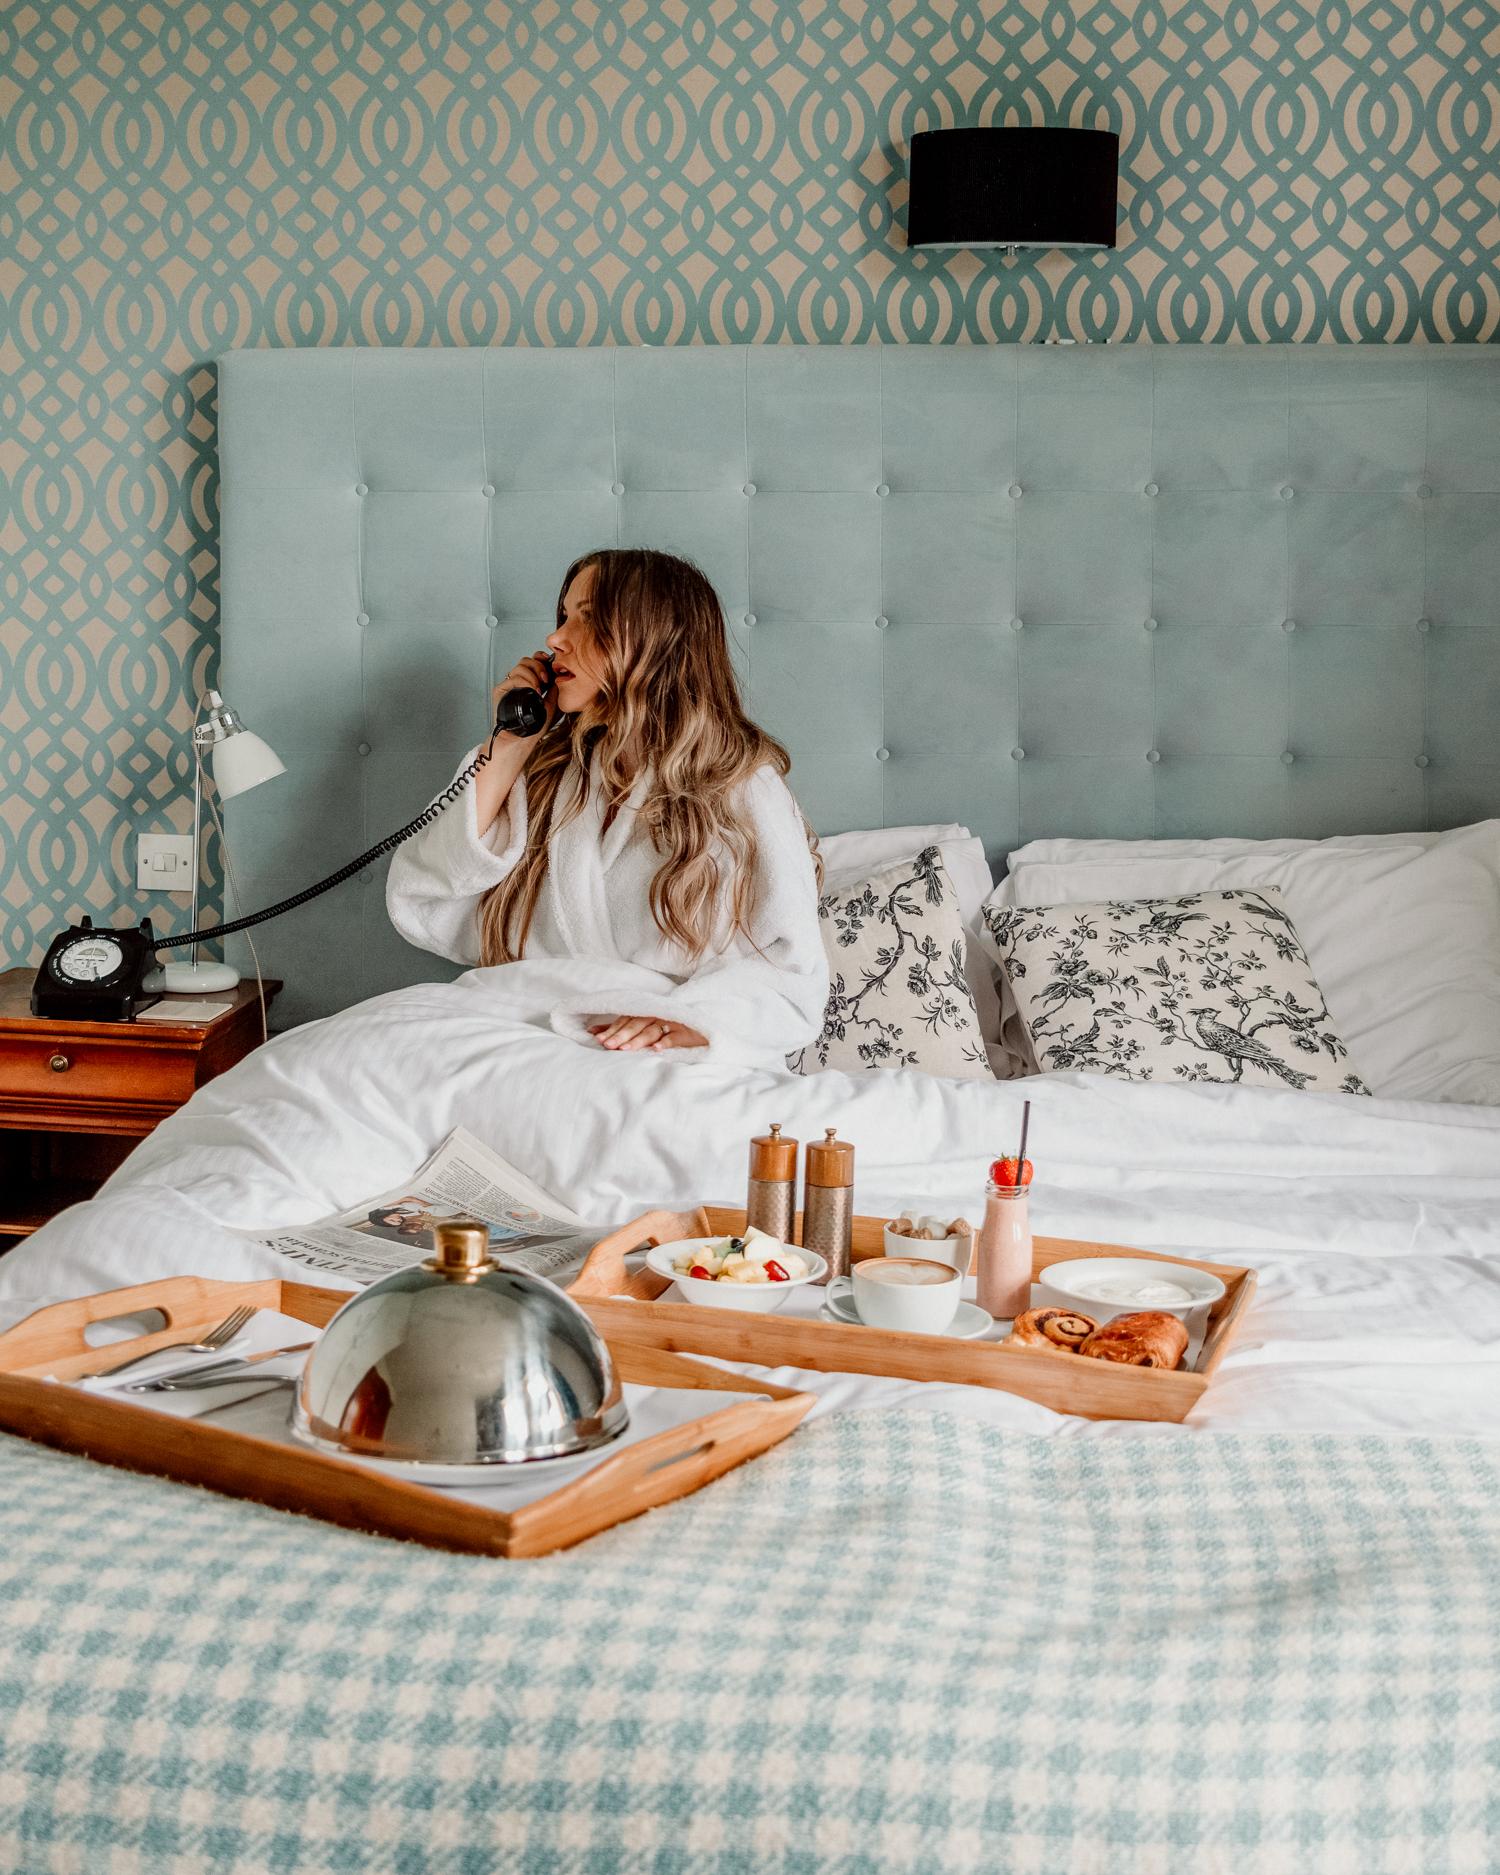 Kvinna i badrock som pratar i telefon i sängen på The Alverton Hotel i Cornwall, Storbritannien